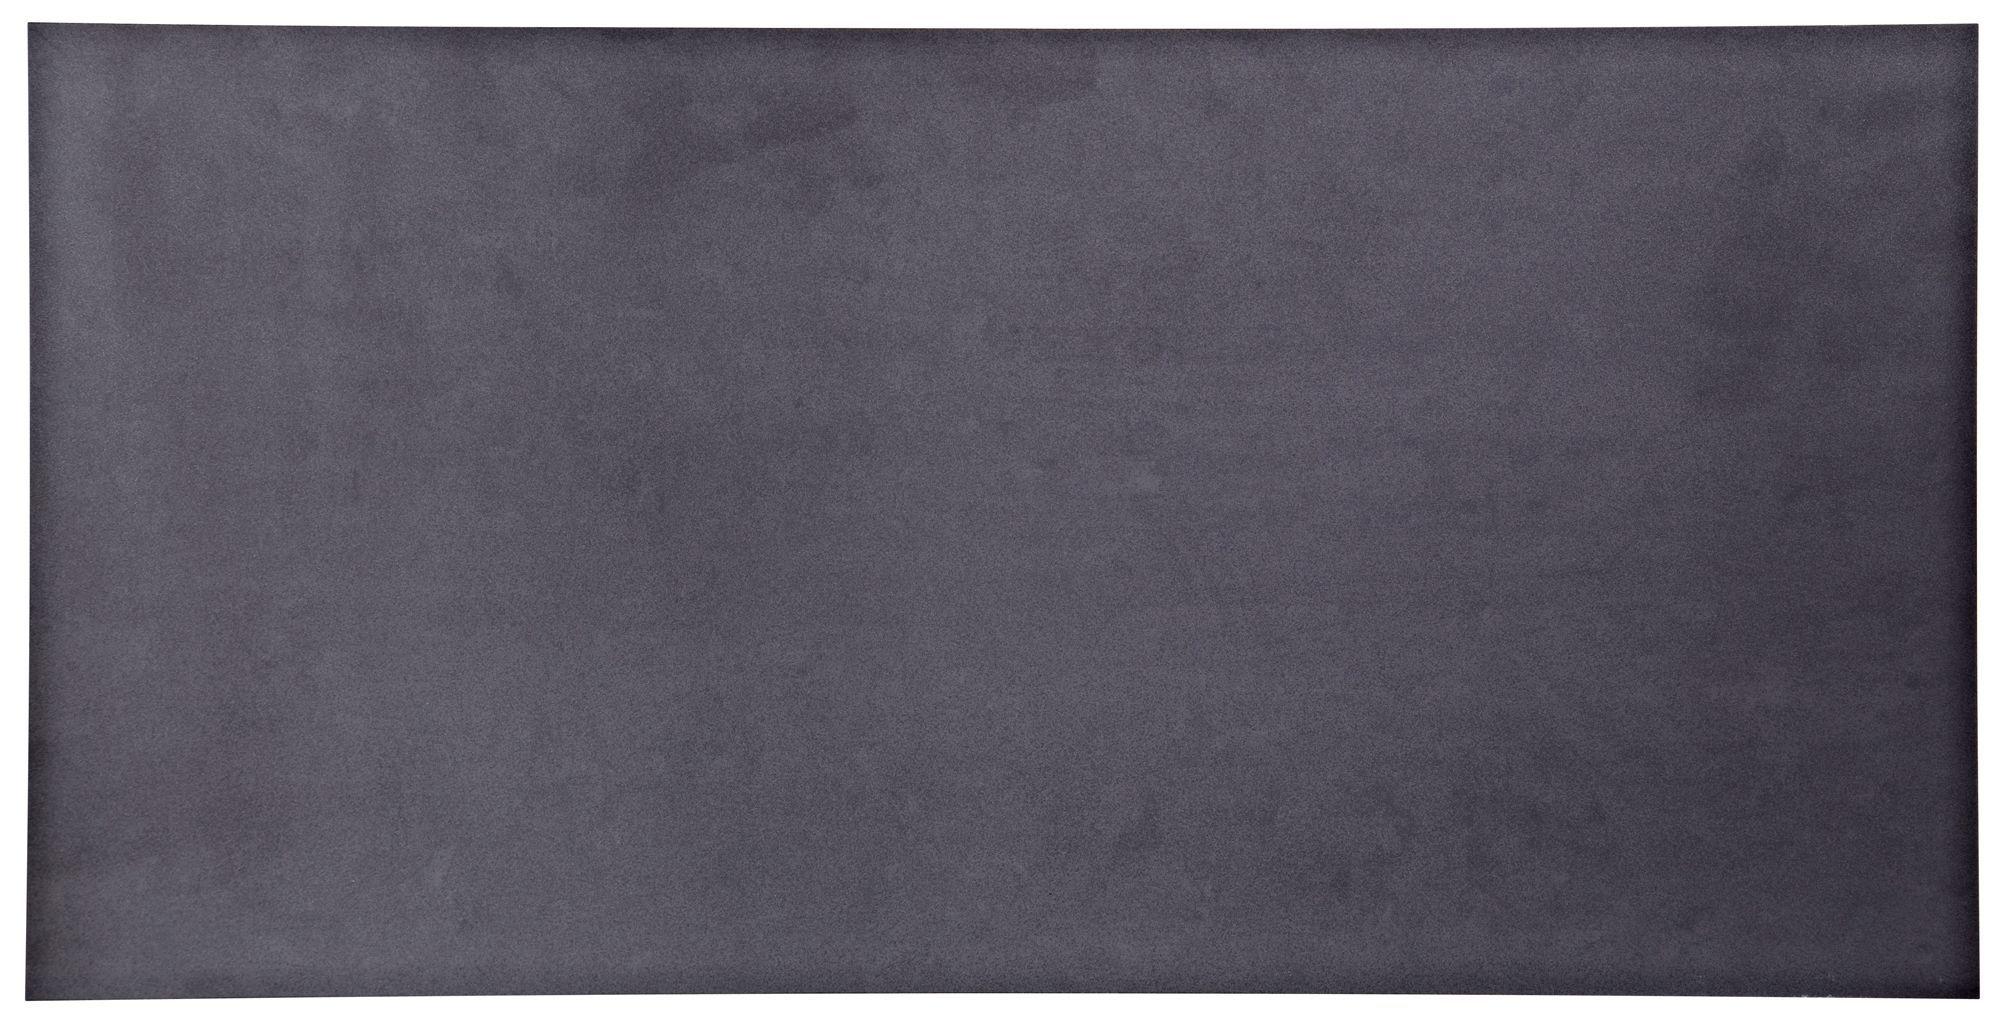 Lounge Black Porcelain Wall & Floor Tile, Pack Of 10, (l)600mm (w)300mm